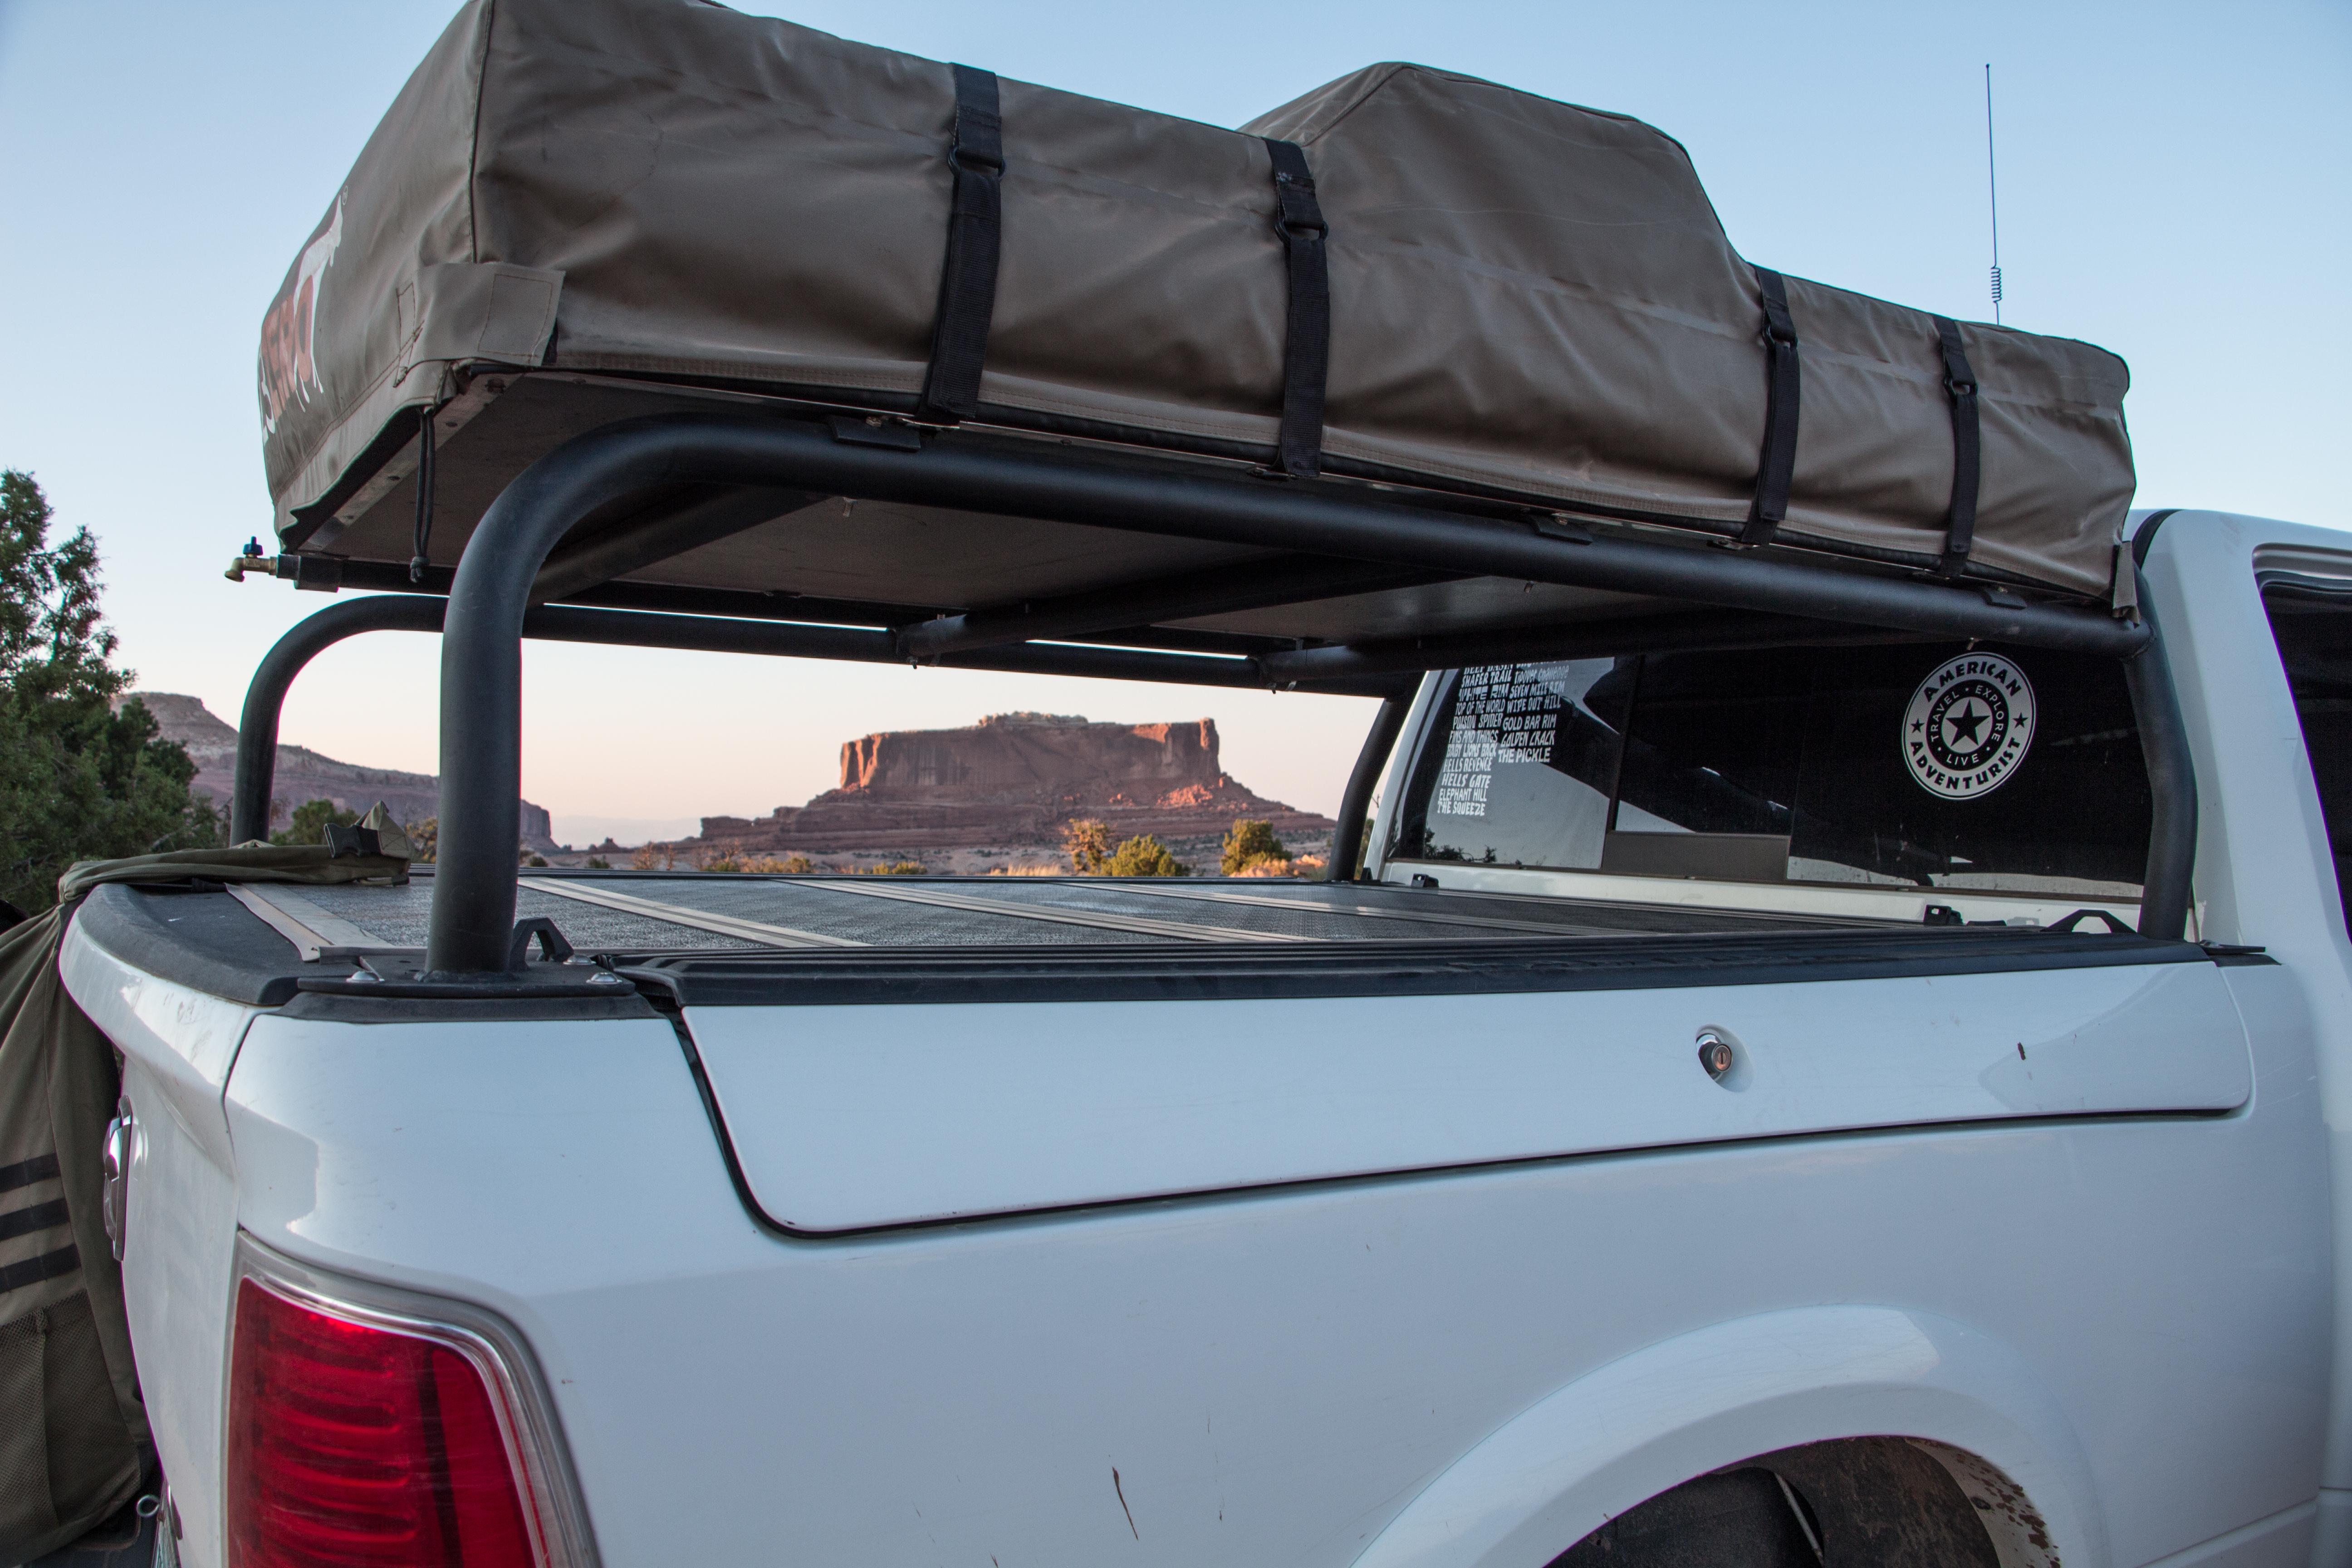 bed truck aluminum product com ladder ryderracks racks ryderrackladderrack alumarack rack